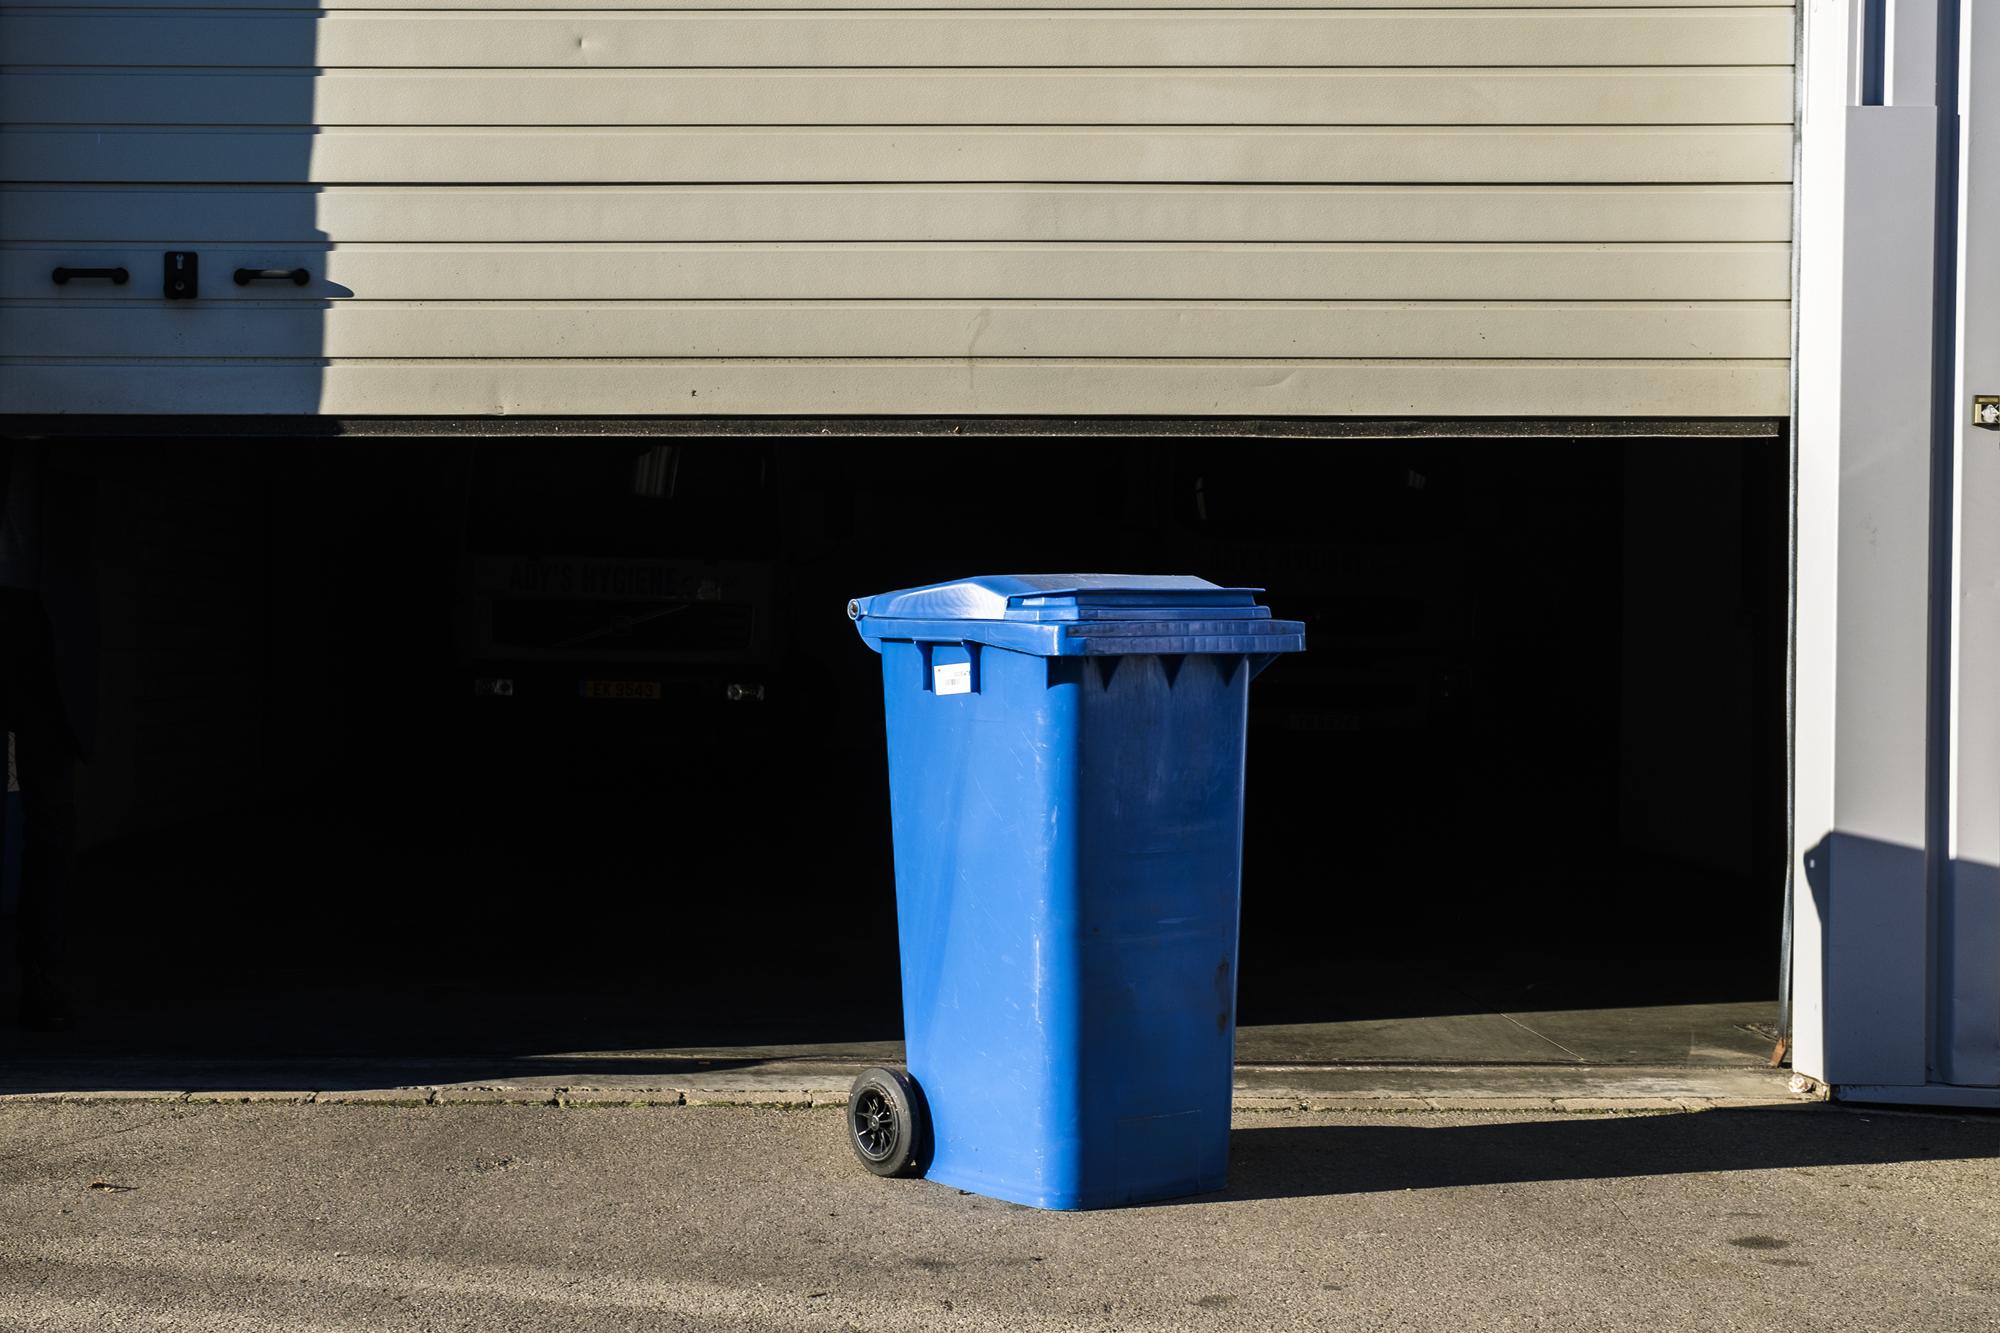 ady's hygiène nettoyage dreckskescht lavage container lavage poubelle poubelles conteneur conteneurs rentrée sortie poubelle service d'hygiène luxembourg station de tri 4.jpg